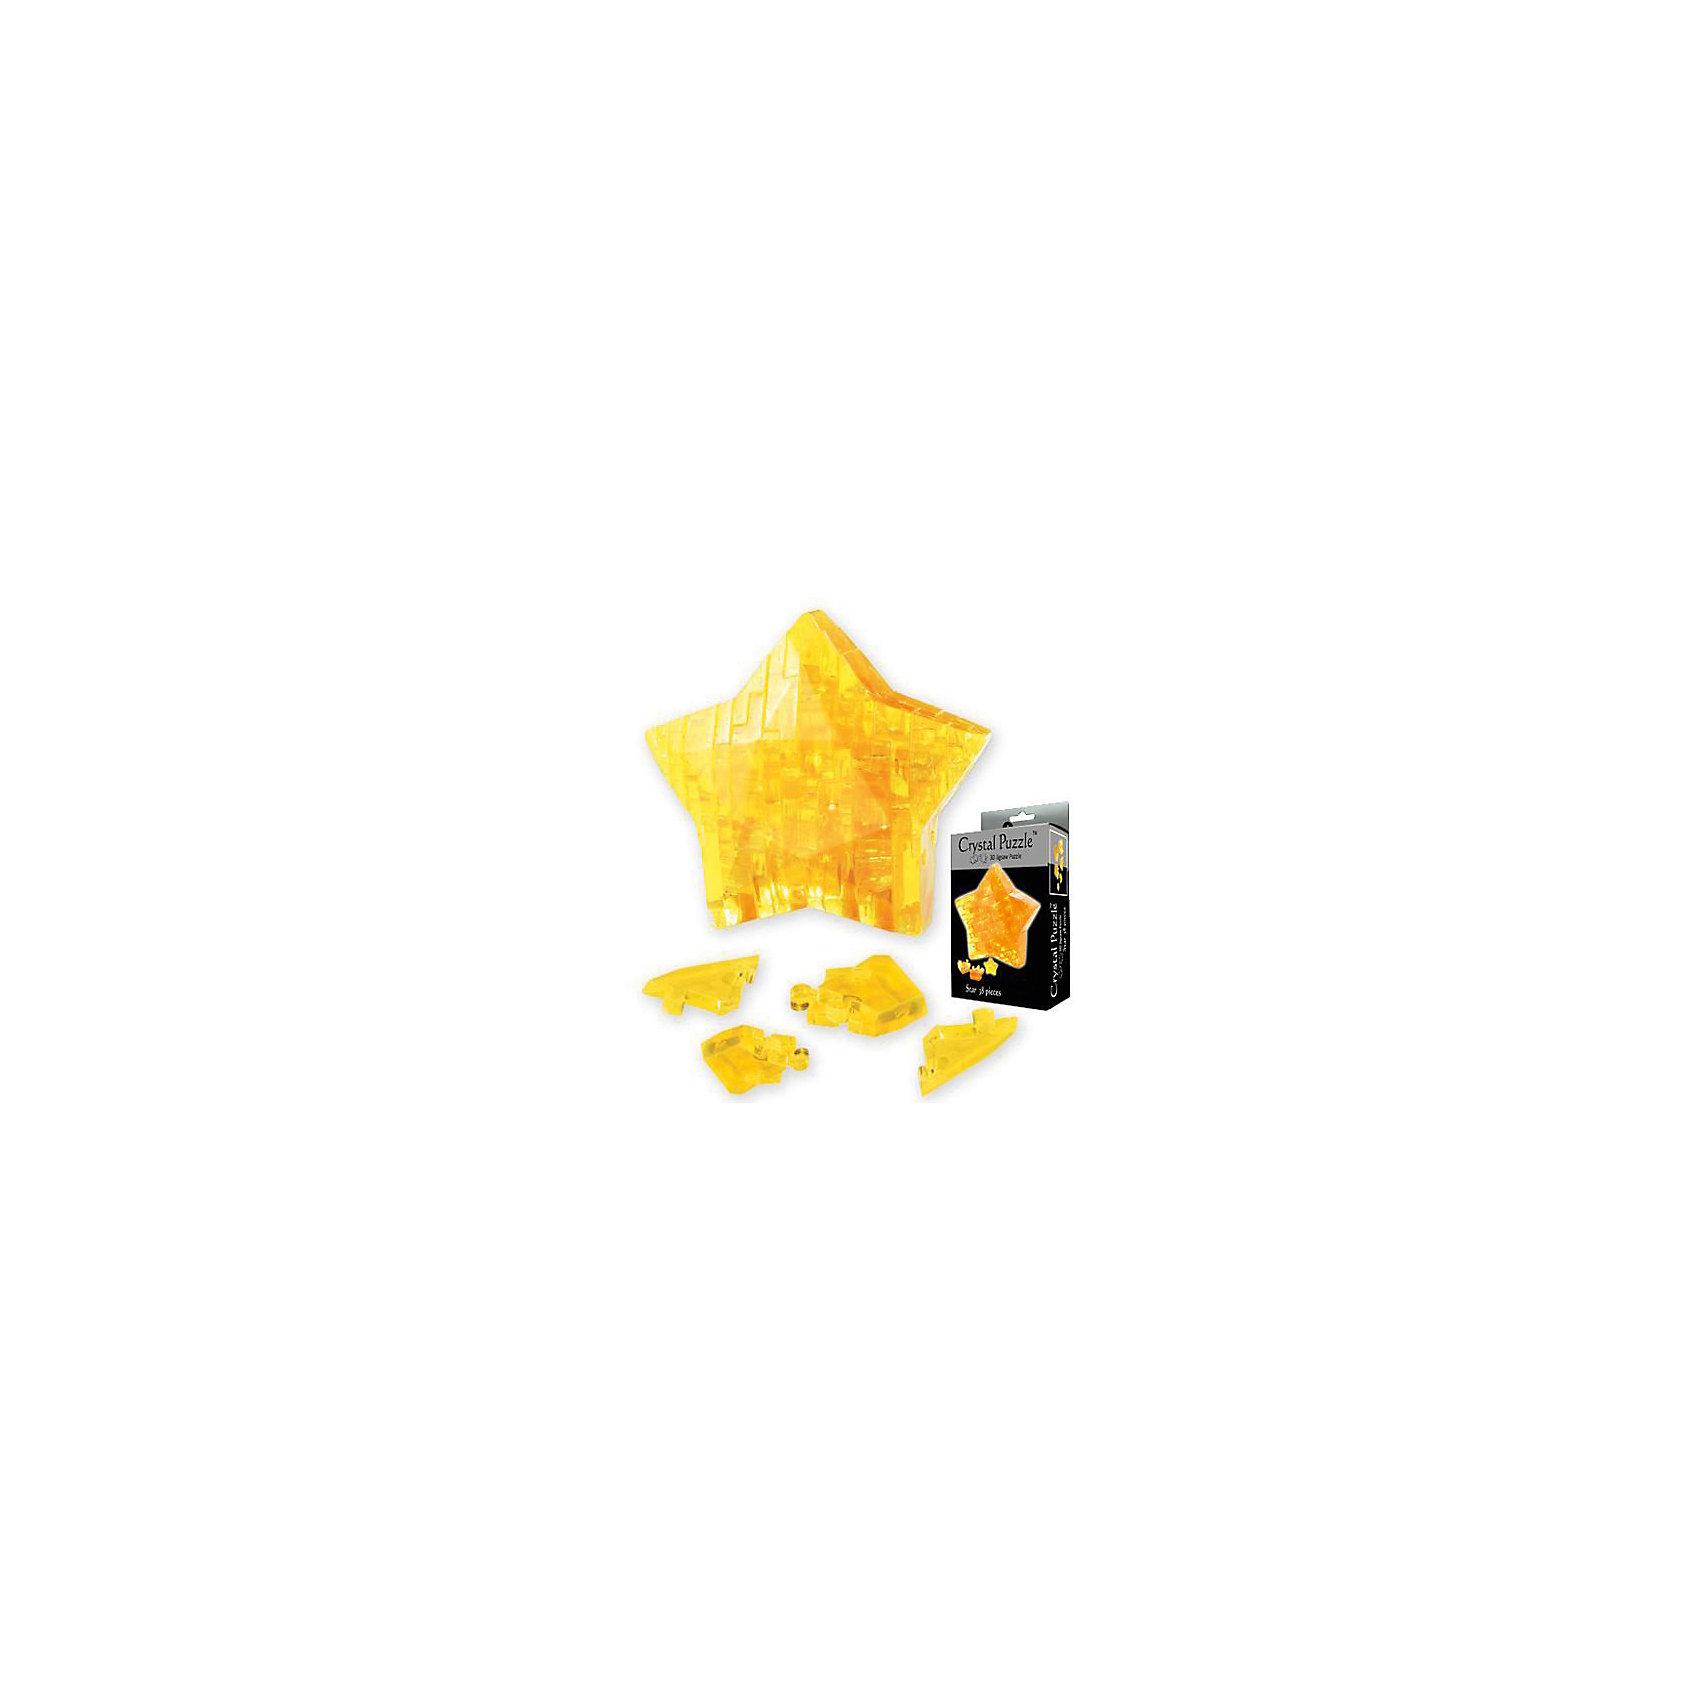 Кристаллический пазл 3D Звезда, Crystal PuzzleКристаллический пазл 3D Звезда, Crystal Puzzle (Кристал Пазл)<br><br>Характеристики:<br><br>• яркий объемный пазл<br>• размер готовой фигурки: 8 см<br>• количество деталей: 38<br>• высокая сложность<br>• размер упаковки: 5х14х10 см<br>• вес: 154 грамма<br>• материал: пластик<br><br>Всего лишь из 38 деталей можно собрать прекрасную звезду, которая ещё долго будет радовать вас своей красотой и сиянием. Однако процесс сборки не так прост, и вам может потребоваться помощь инструкции. Разложите детали по номерам и соедините их в правильной последовательности - прекрасная звезда готова! Вы можете использовать её в качестве сувенира или подарка. Кроме того, процесс сборки способствует развитию логического мышления, усидчивости и координации движений.<br><br>Кристаллический пазл 3D Звезда, Crystal Puzzle (Кристал Пазл) можно купить в нашем интернет-магазине.<br><br>Ширина мм: 100<br>Глубина мм: 140<br>Высота мм: 50<br>Вес г: 154<br>Возраст от месяцев: 120<br>Возраст до месяцев: 2147483647<br>Пол: Унисекс<br>Возраст: Детский<br>SKU: 5397254